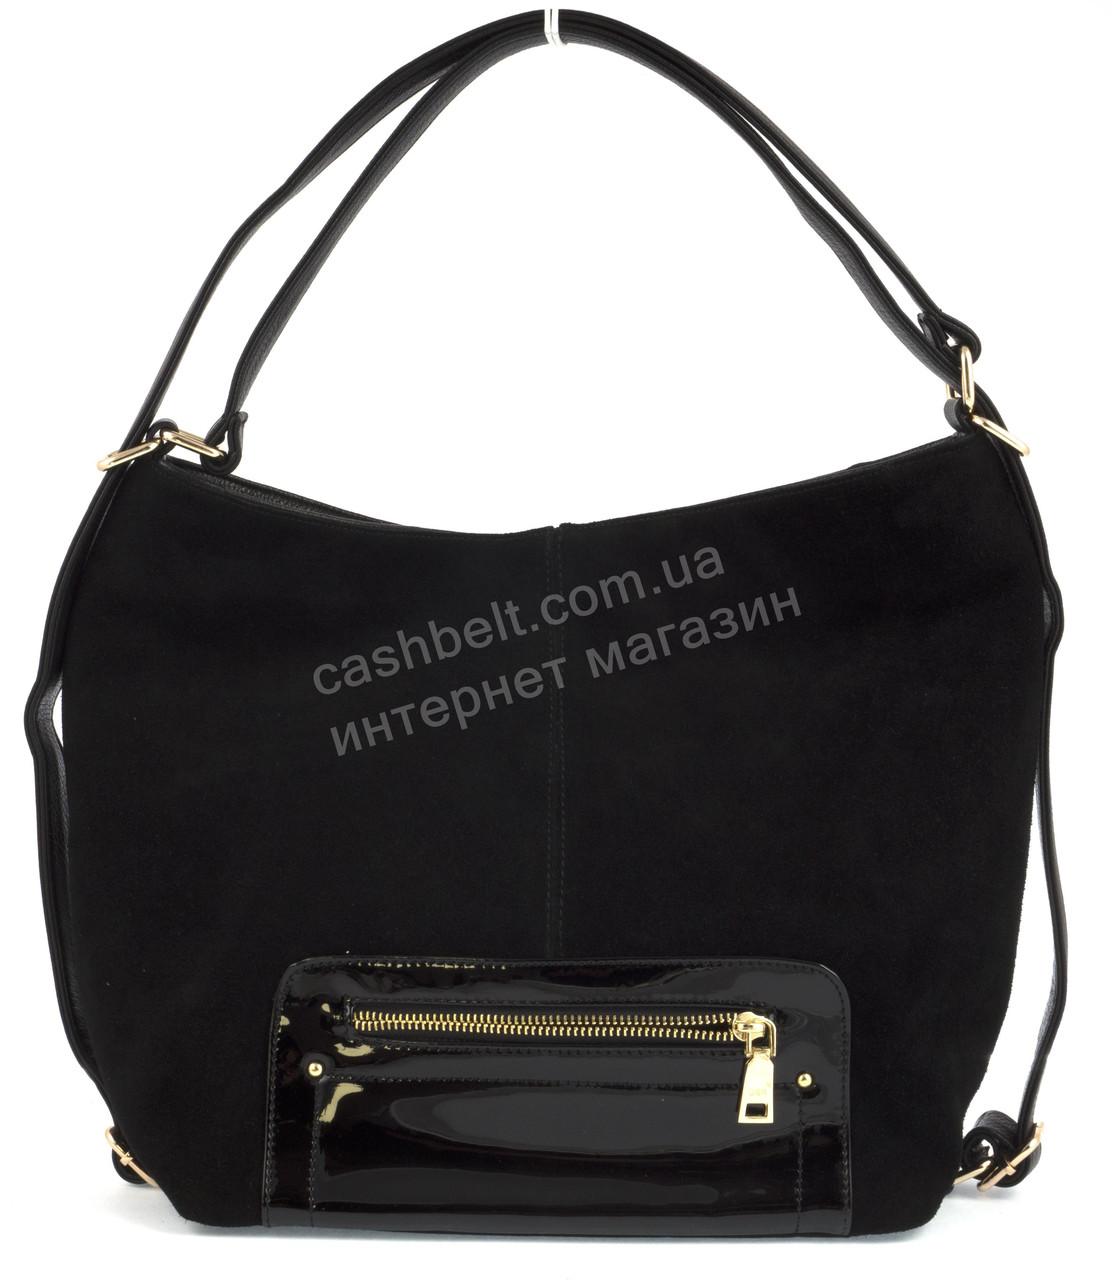 b4a9f6f7fc49 Оригинальная стильная прочная женская сумка рюкзак с натуральной замшевой  вставкой D&K art.108 черная